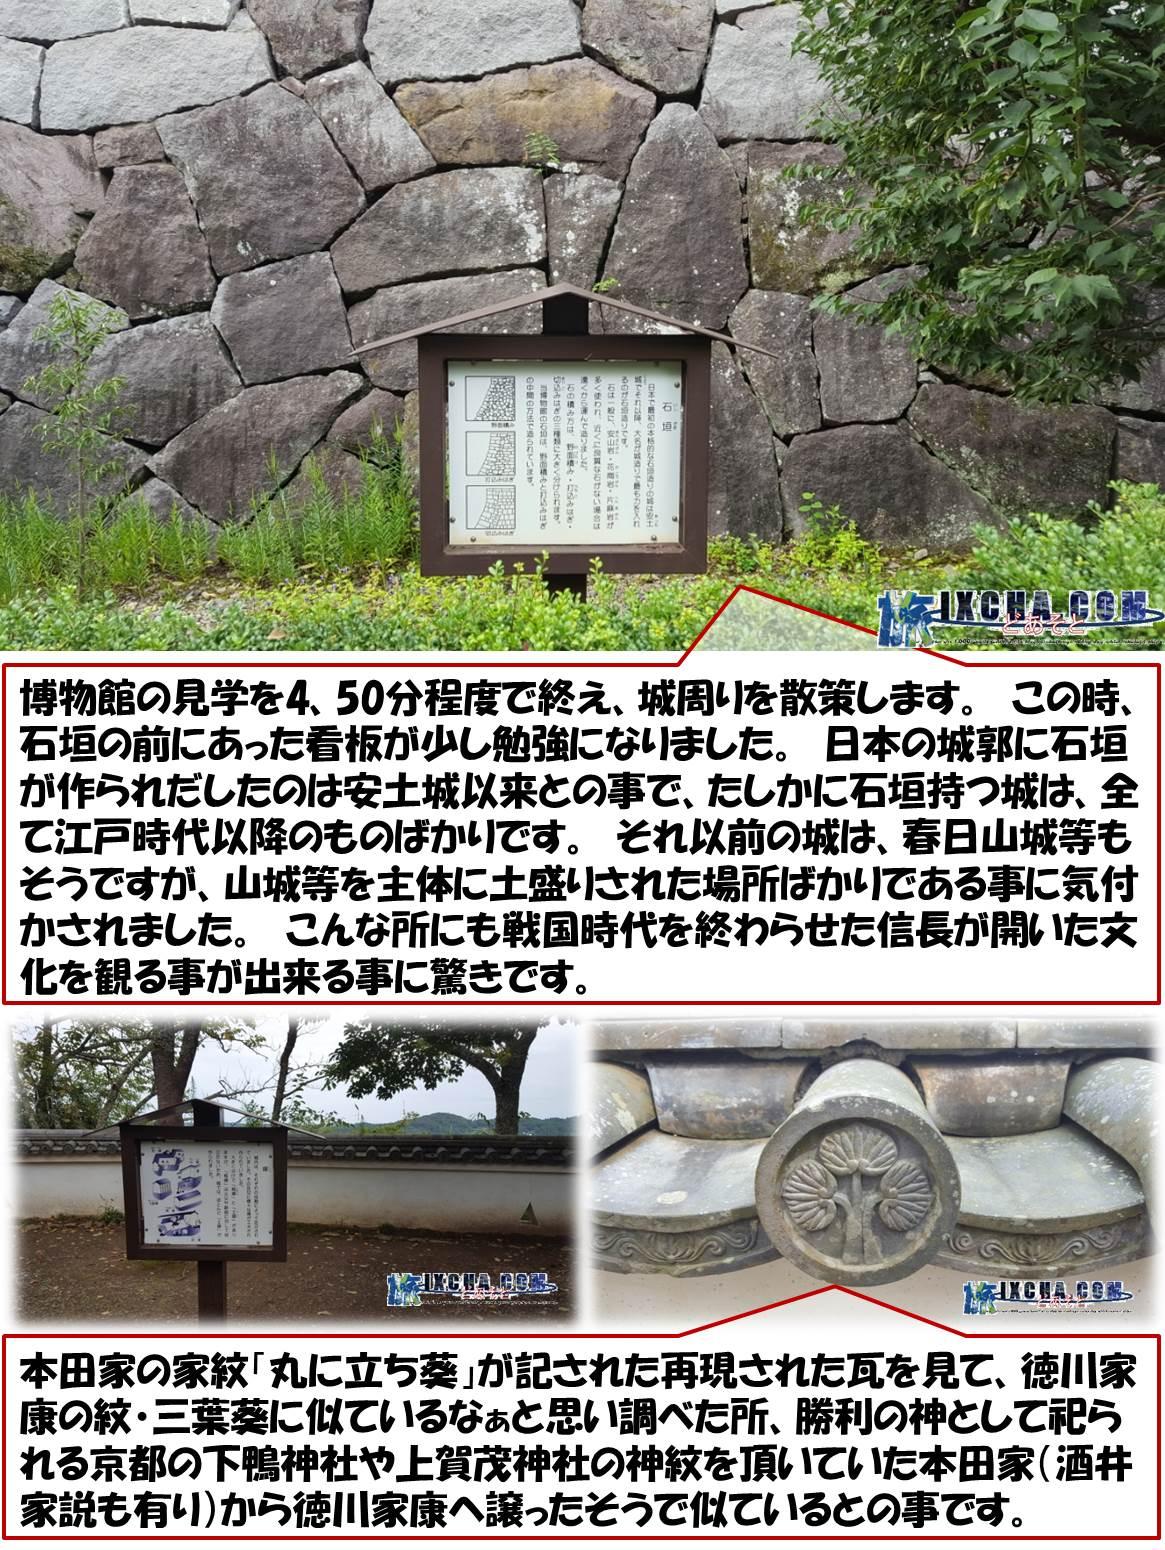 博物館の見学を4、50分程度で終え、城周りを散策します。 この時、石垣の前にあった看板が少し勉強になりました。 日本の城郭に石垣が作られだしたのは安土城以来との事で、たしかに石垣持つ城は、全て江戸時代以降のものばかりです。 それ以前の城は、春日山城等もそうですが、山城等を主体に土盛りされた場所ばかりである事に気付かされました。 こんな所にも戦国時代を終わらせた信長が開いた文化を観る事が出来る事に驚きです。 本田家の家紋「丸に立ち葵」が記された再現された瓦を見て、徳川家康の紋・三葉葵に似ているなぁと思い調べた所、勝利の神として祀られる京都の下鴨神社や上賀茂神社の神紋を頂いていた本田家(酒井家説も有り)から徳川家康へ譲ったそうで似ているとの事です。